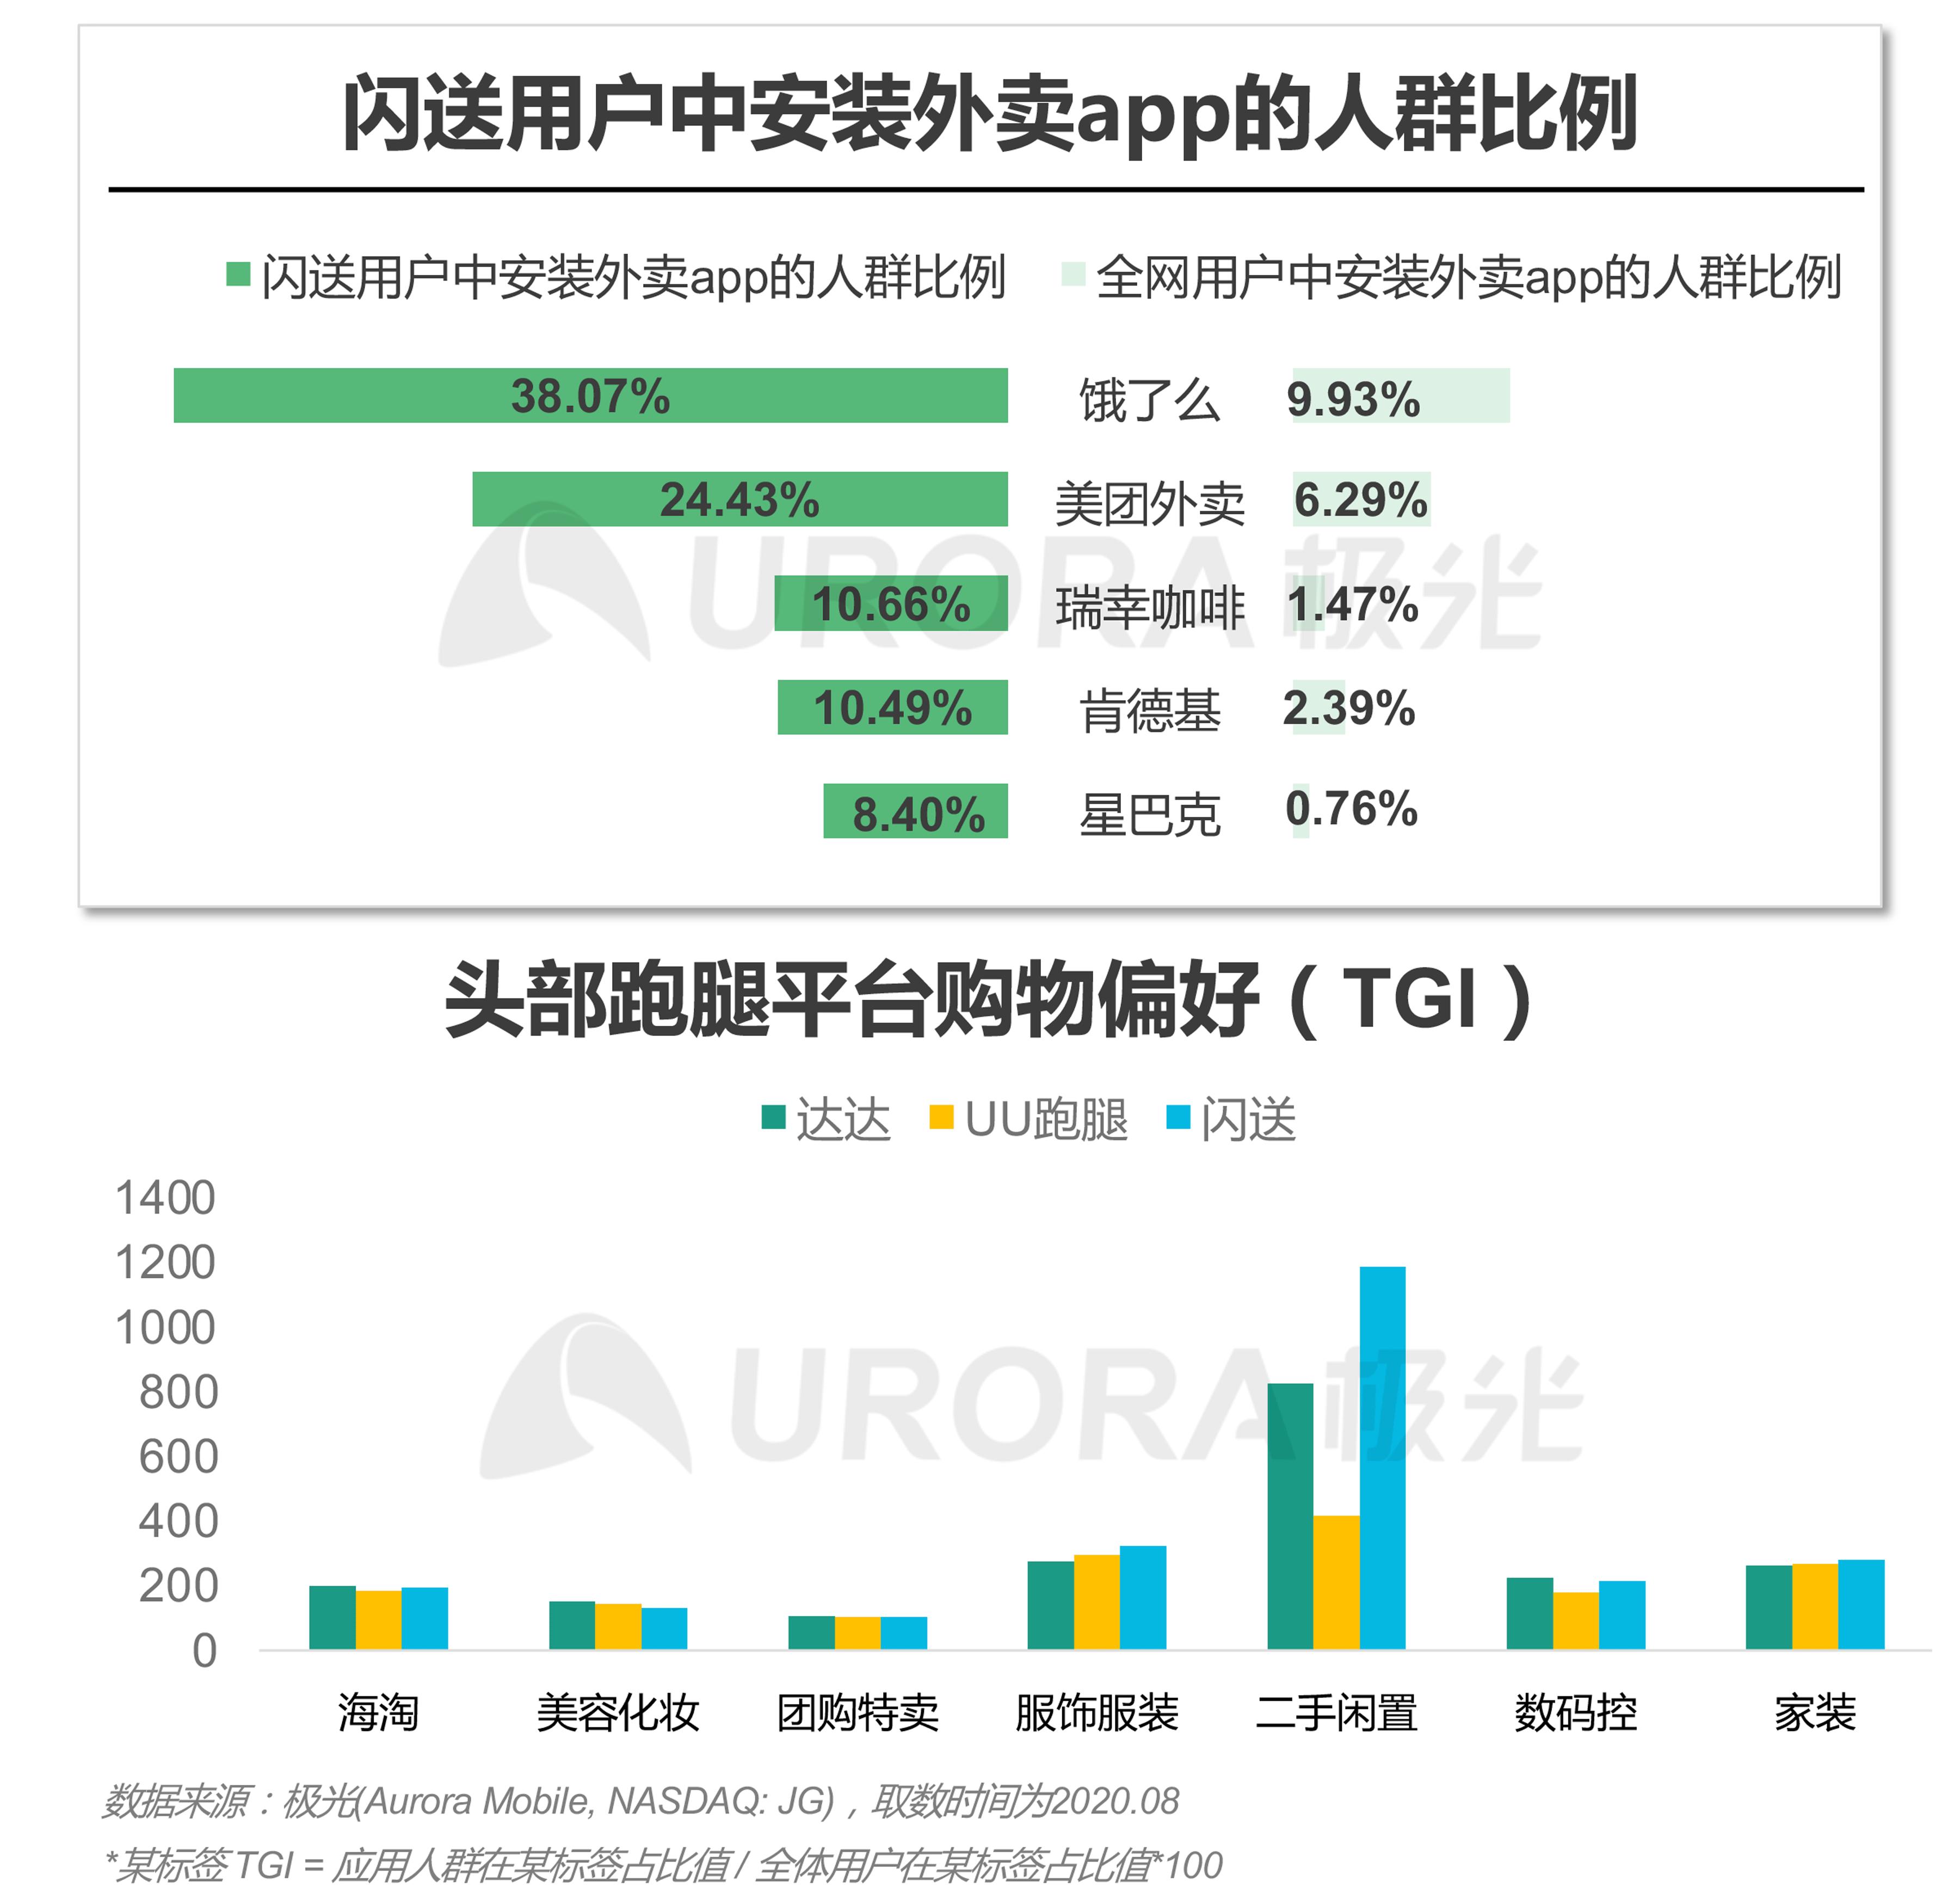 极光:2020年疫情后跑腿行业研究报告 (14).png